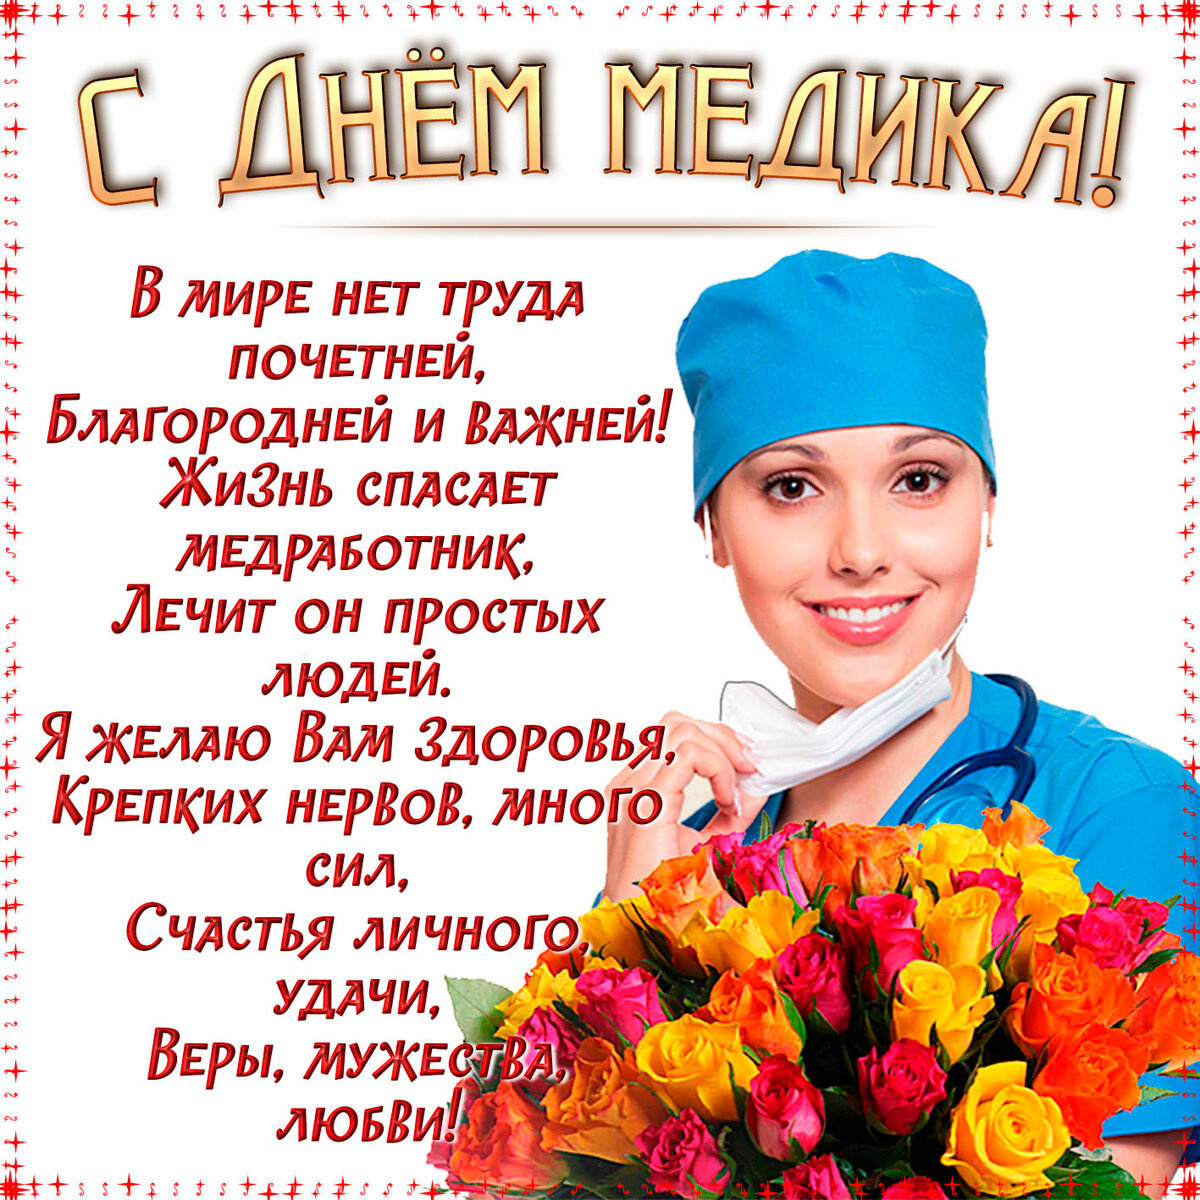 Поздравления медикам коллегам прикольные